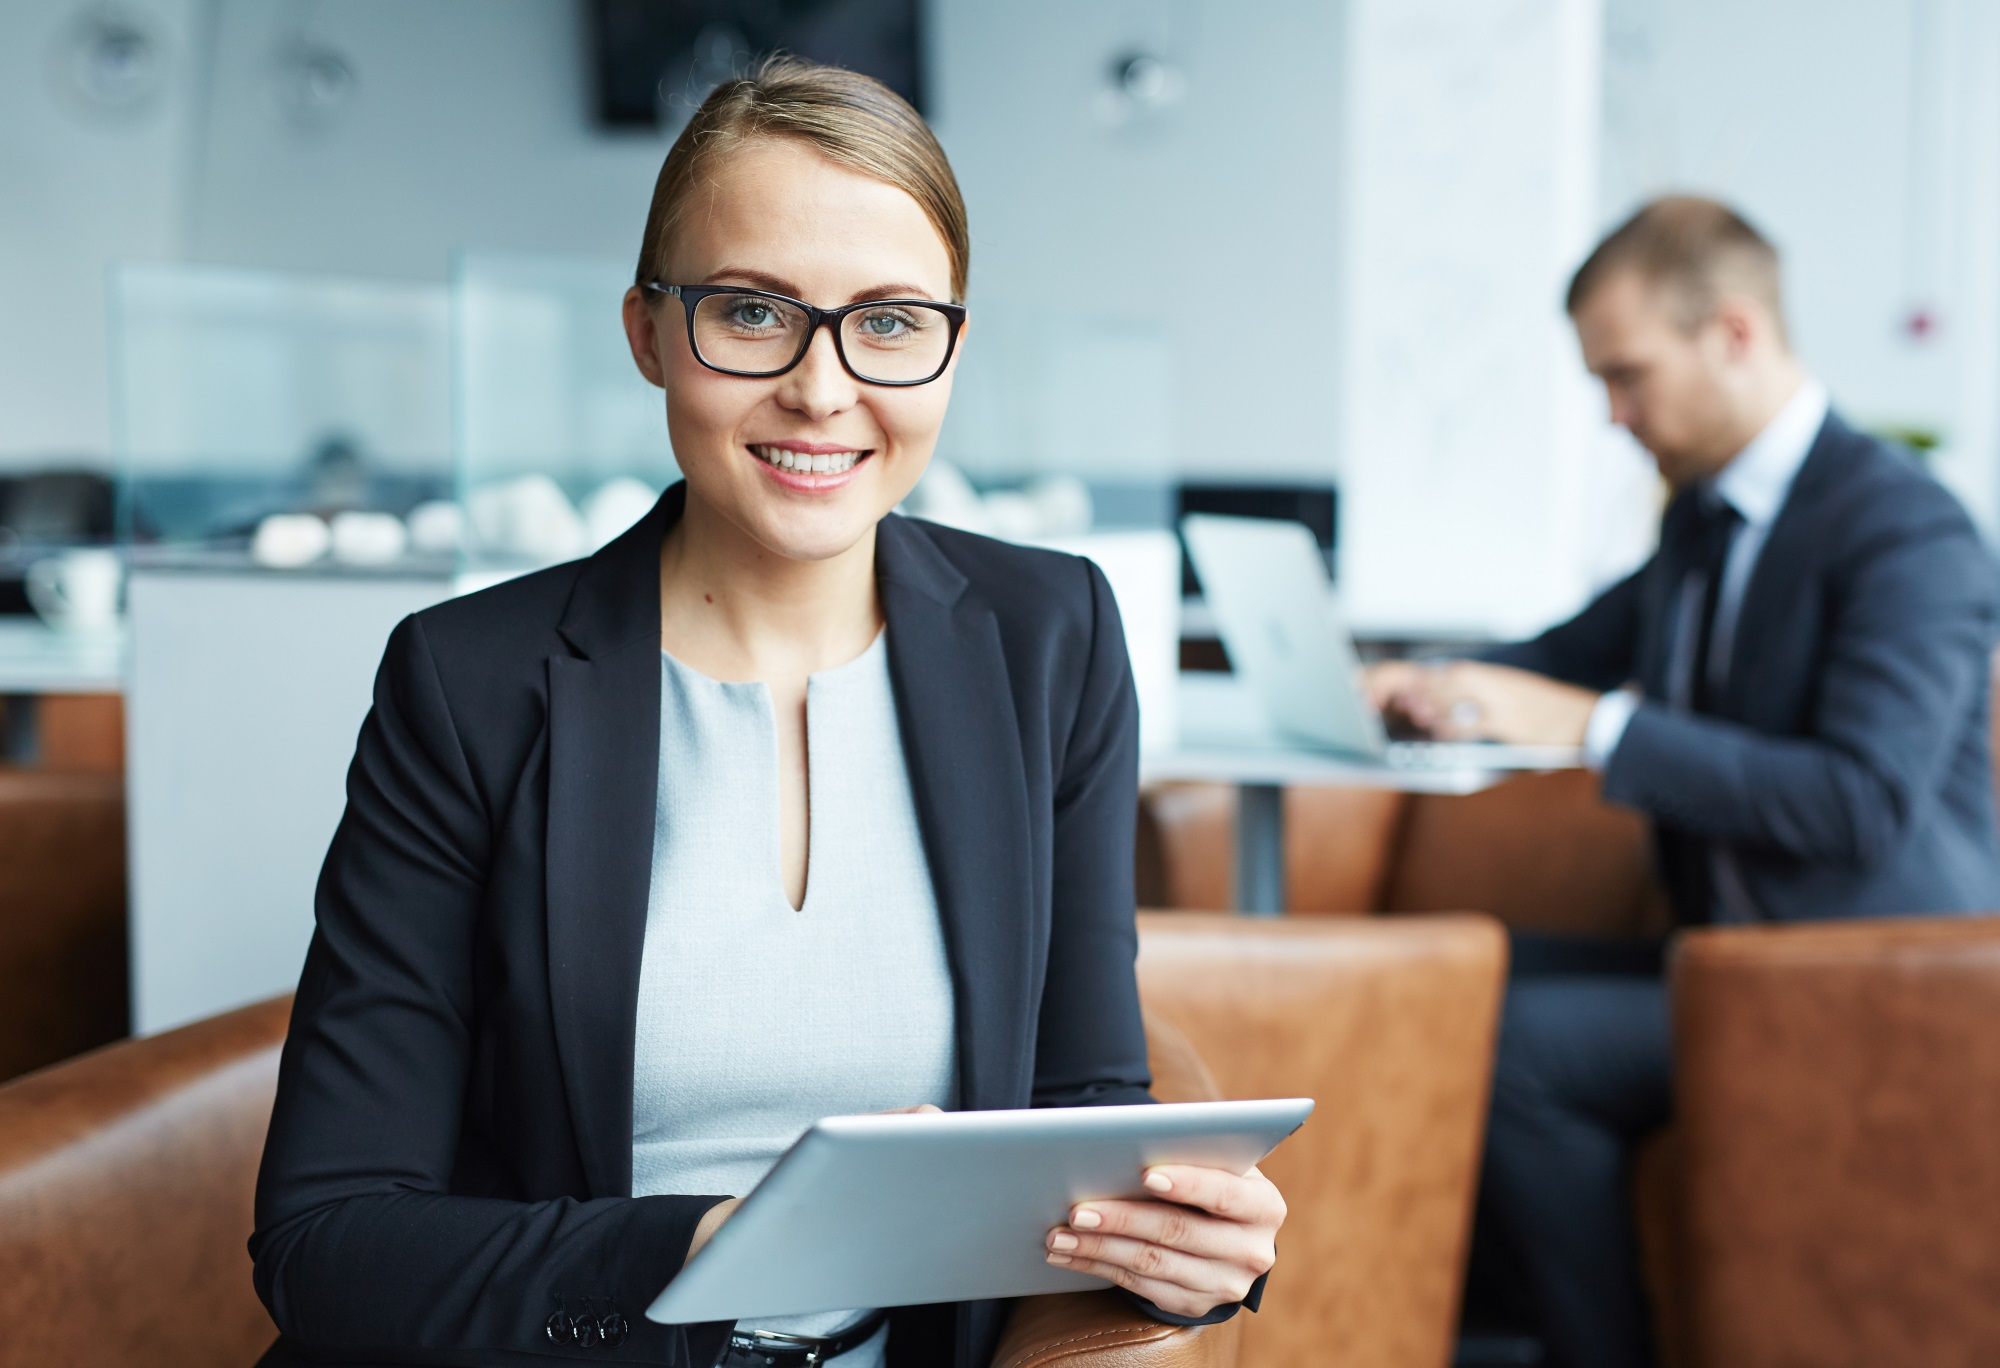 Nieprawdą jest, że po usługi firmy zewnętrznej sięga się dopiero wtedy, gdy zawodzi własny dział HR - przekonują specjaliści od outsourcingu. Fot. mat. pras.